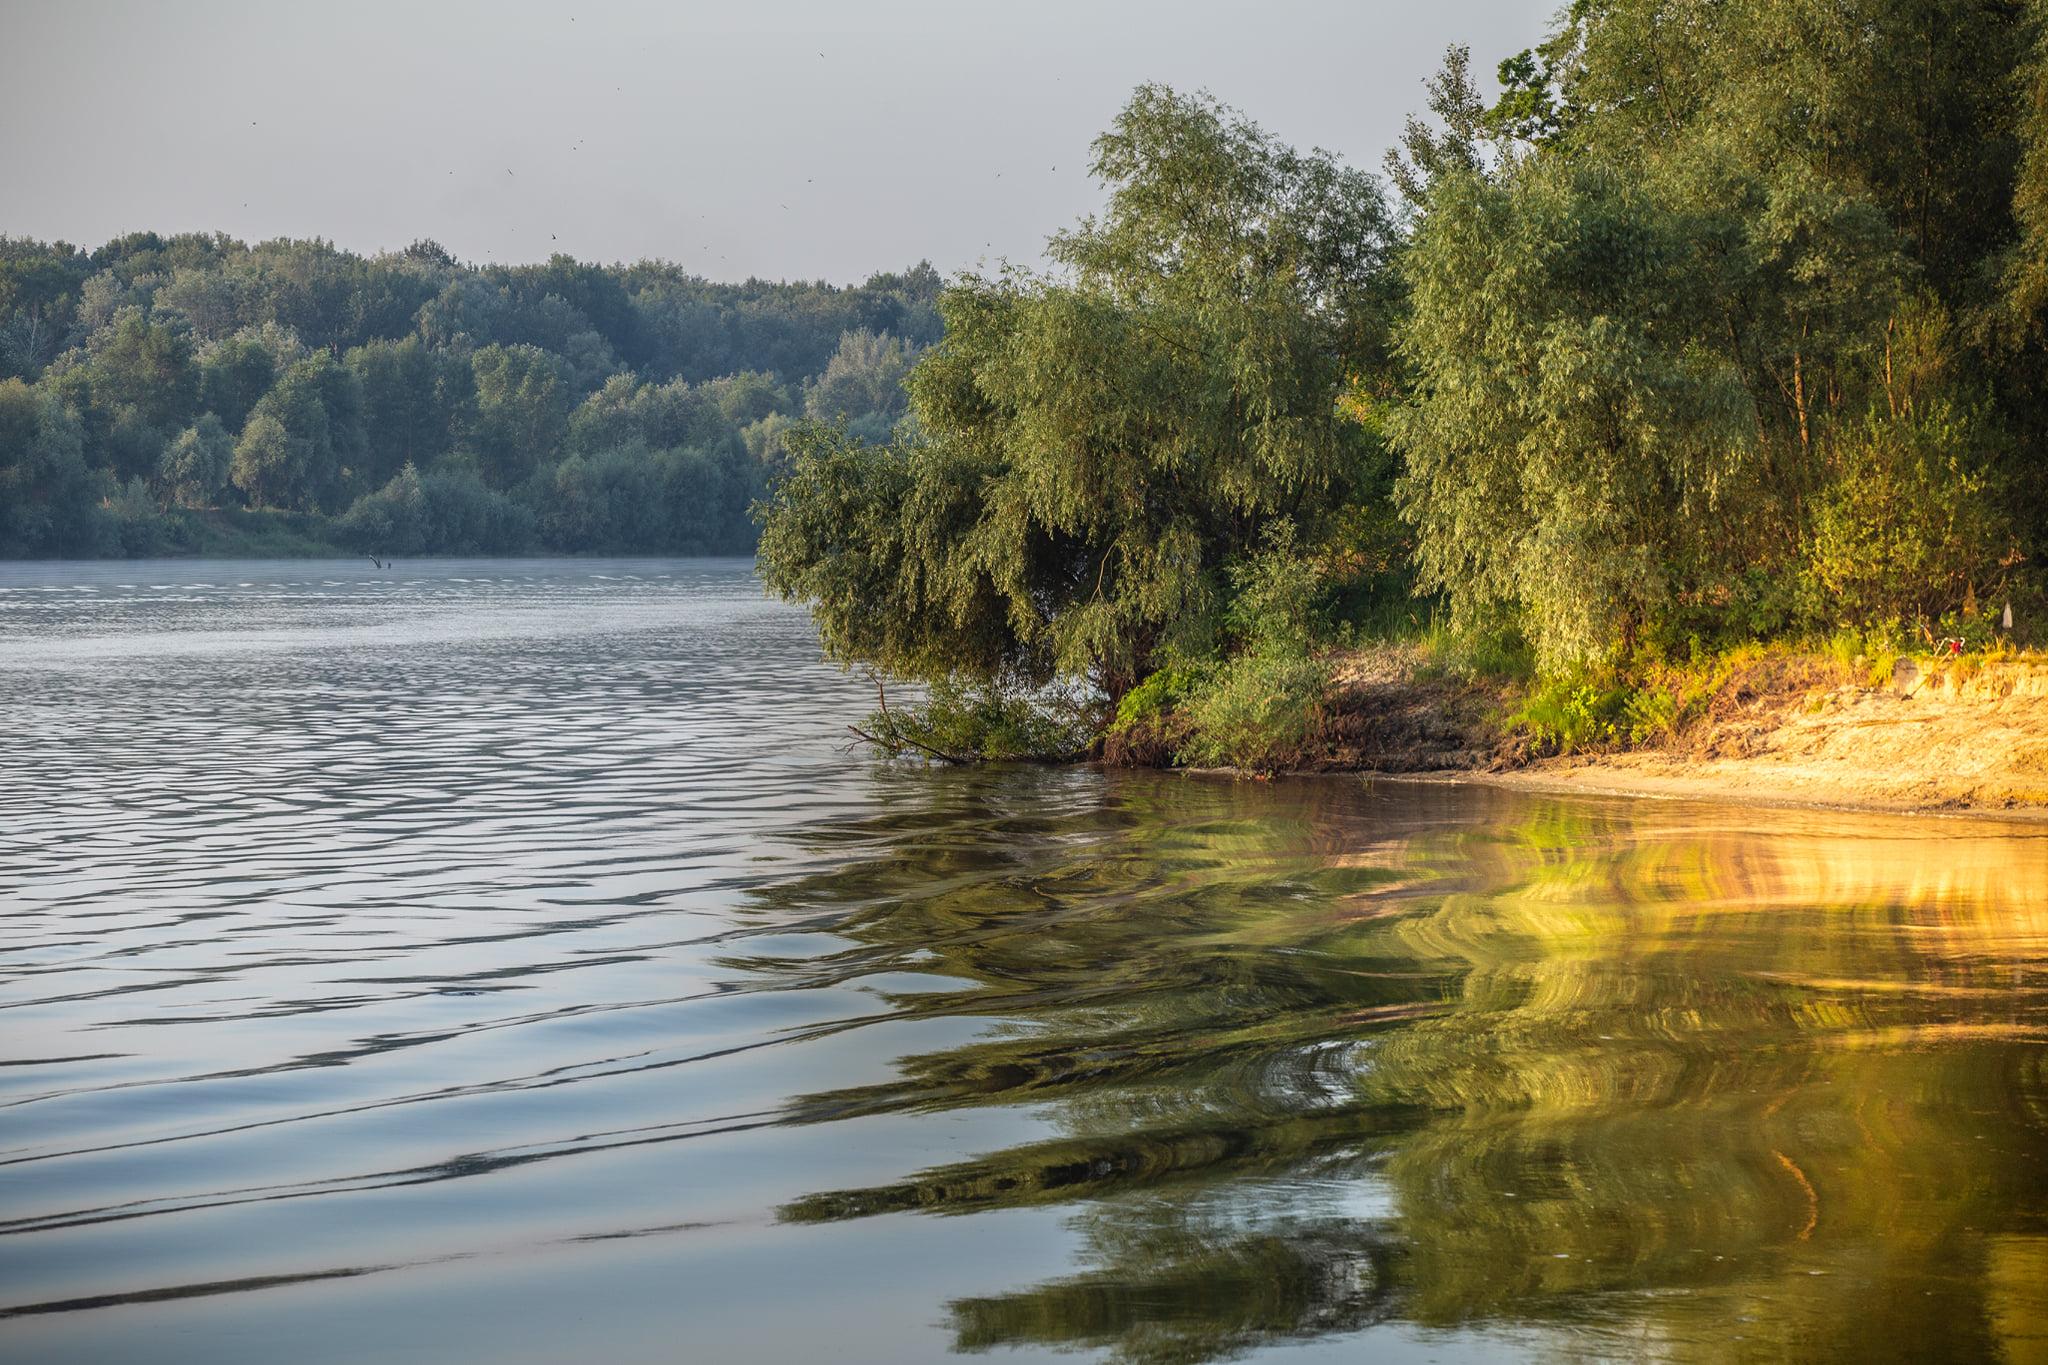 У Чернігові зафіксували рекордно гарячу воду в річці Десна